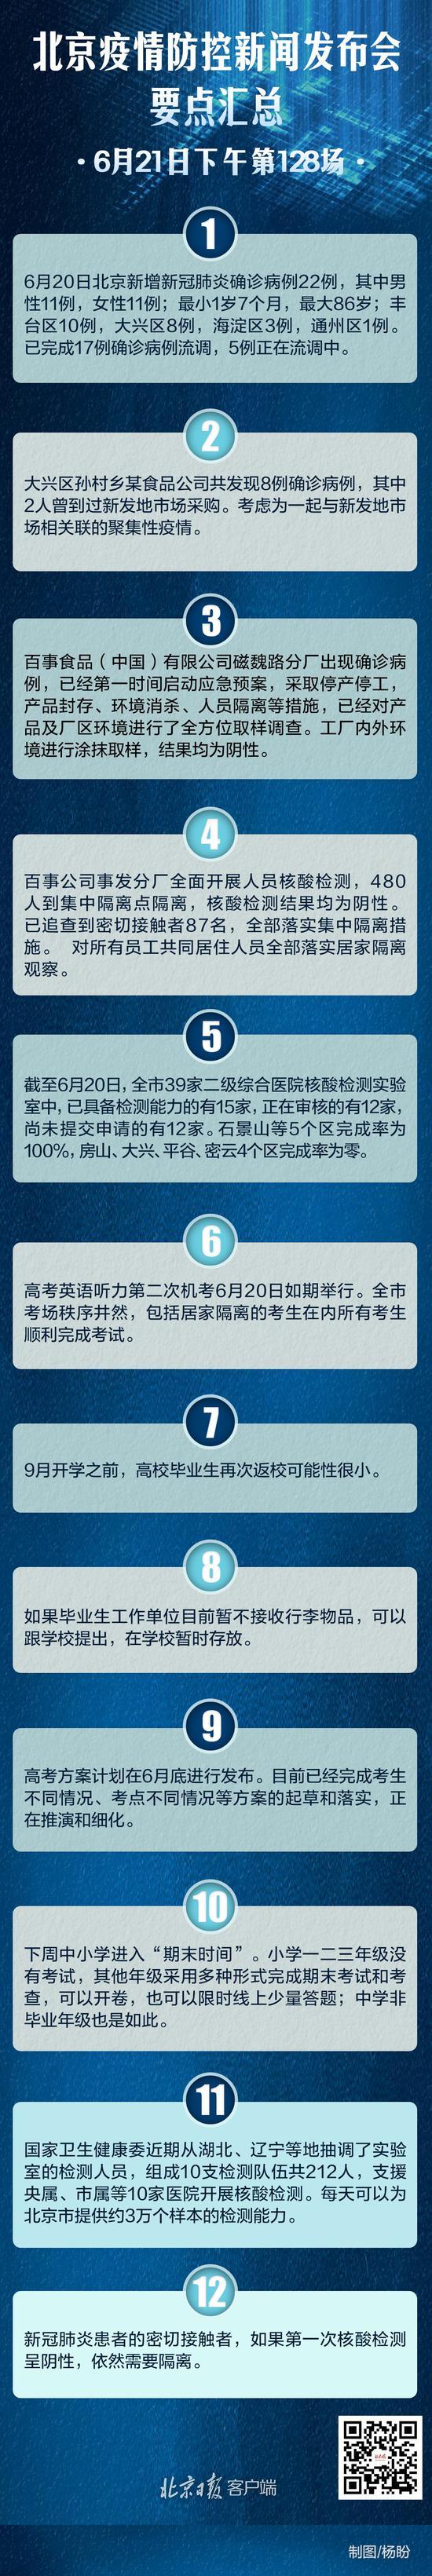 今天北京疫情防控新闻发布会,要点都在这儿图片